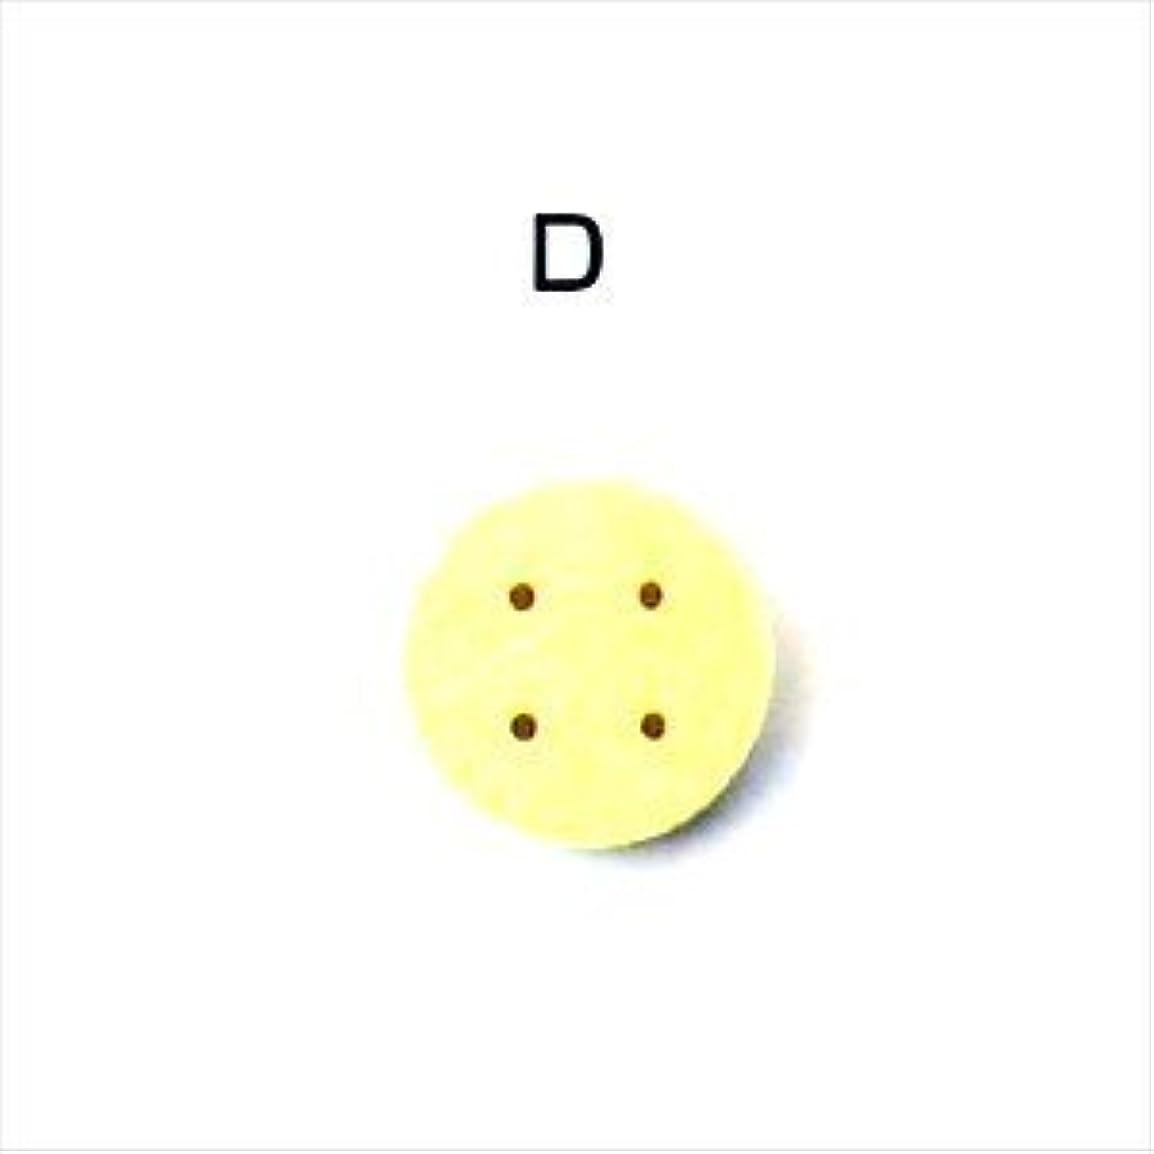 鮫国民投票オーディション【メディカルブック】1.丸型 R-D スポンジ 4個入(SE-451D) - 干渉波?吸引用